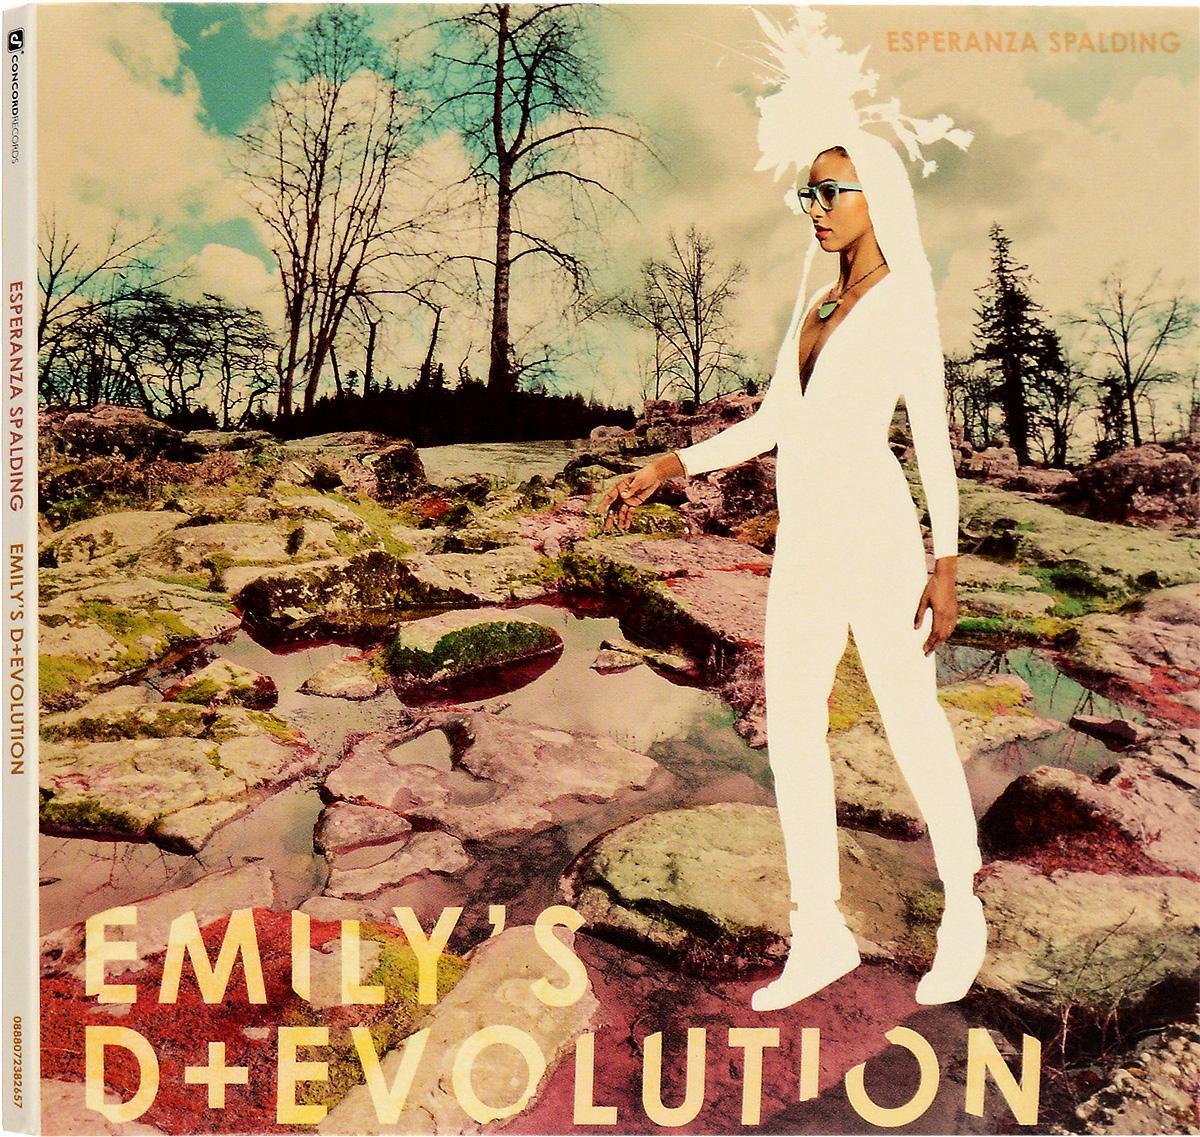 Эсперанса Сполдинг Esperanza Spalding. Emily's D+Evolution